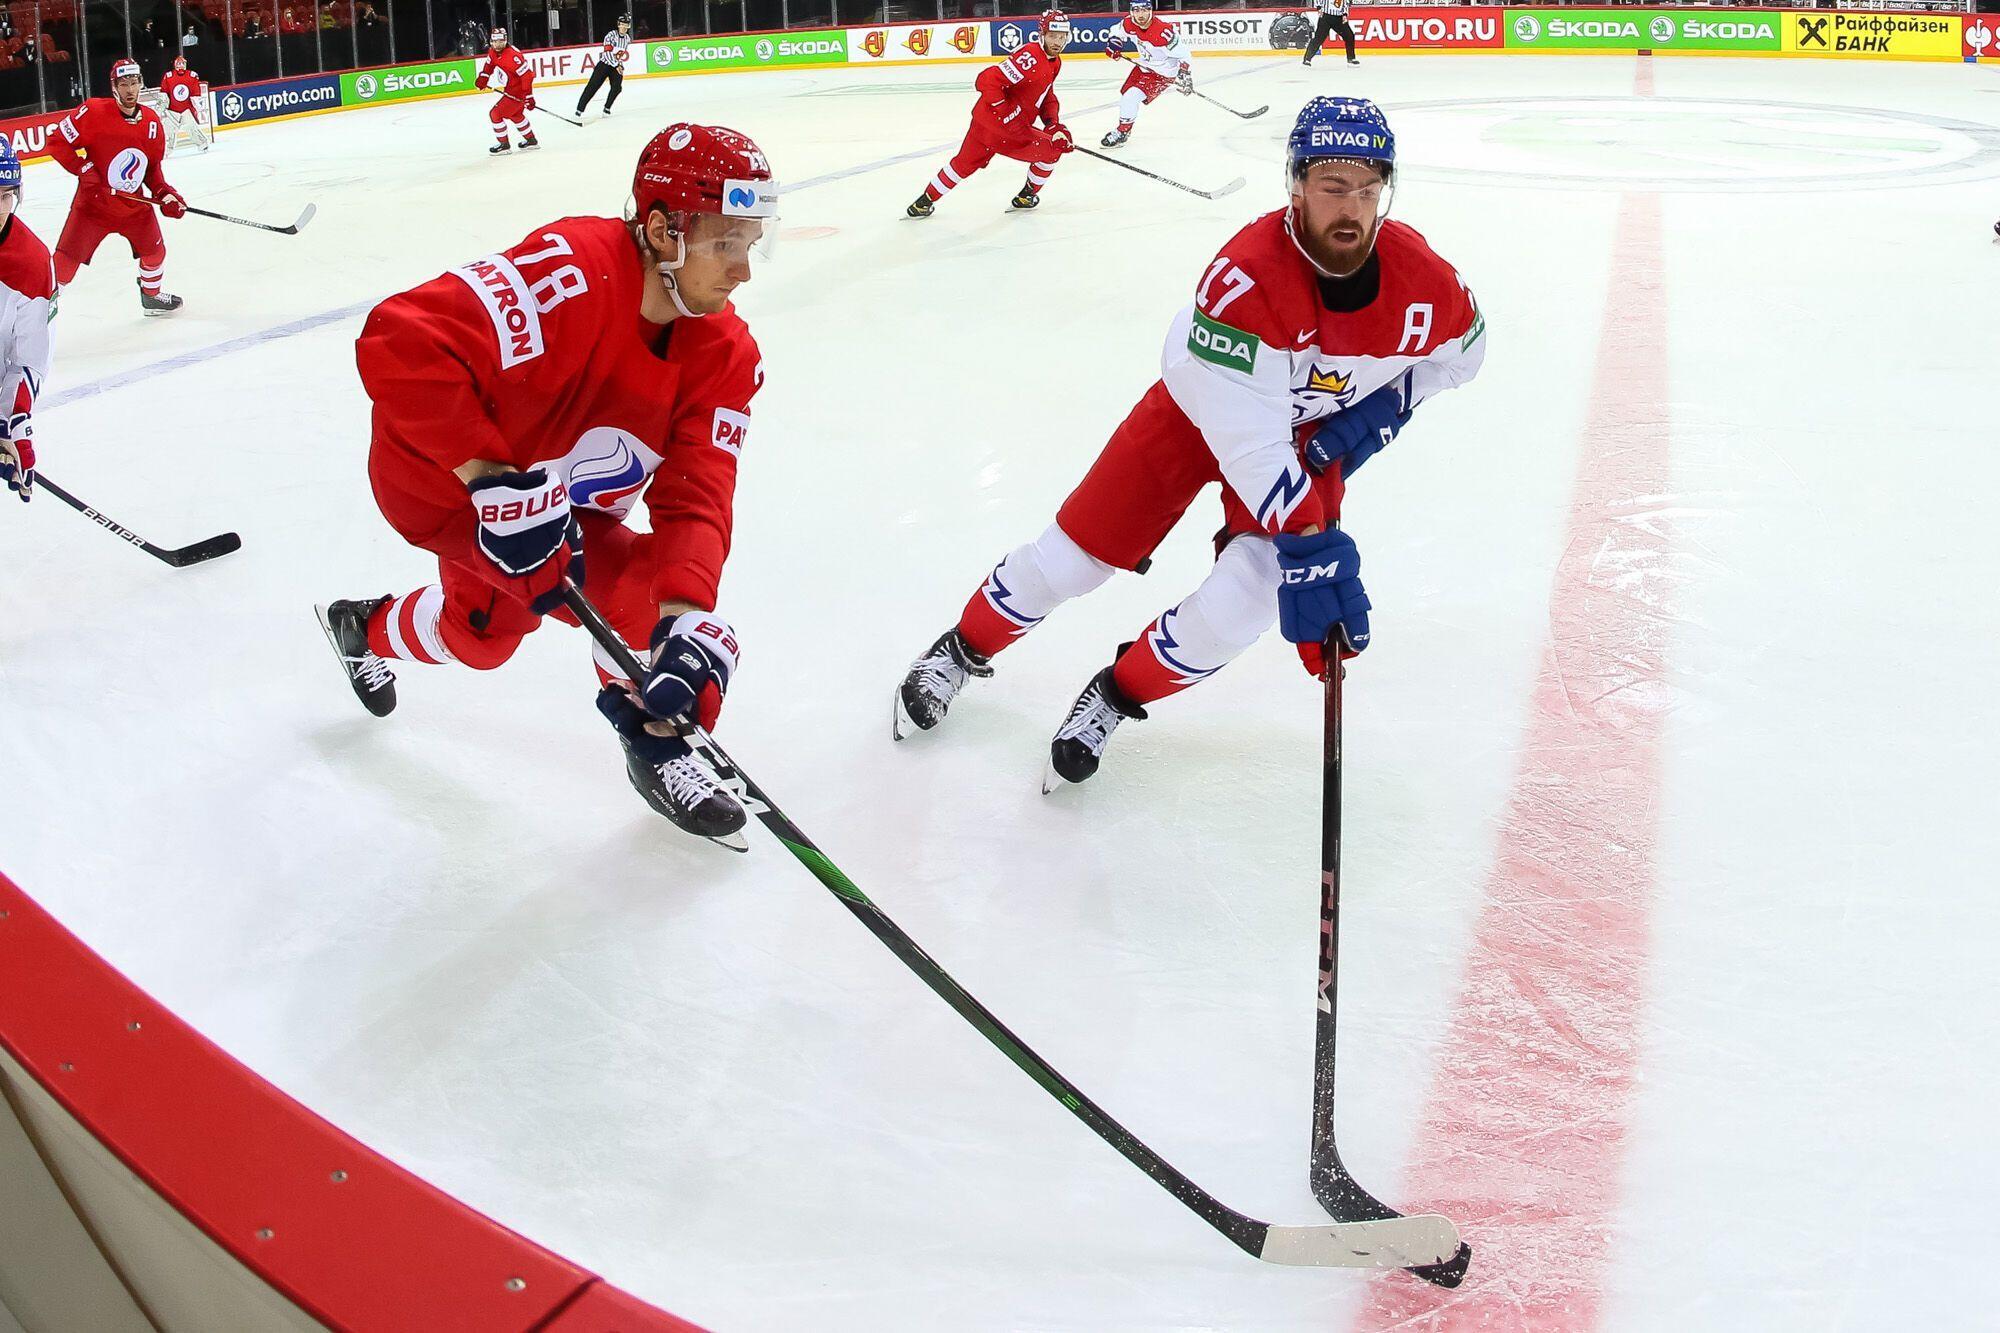 Чехия трижды отыгрывалась в матче.